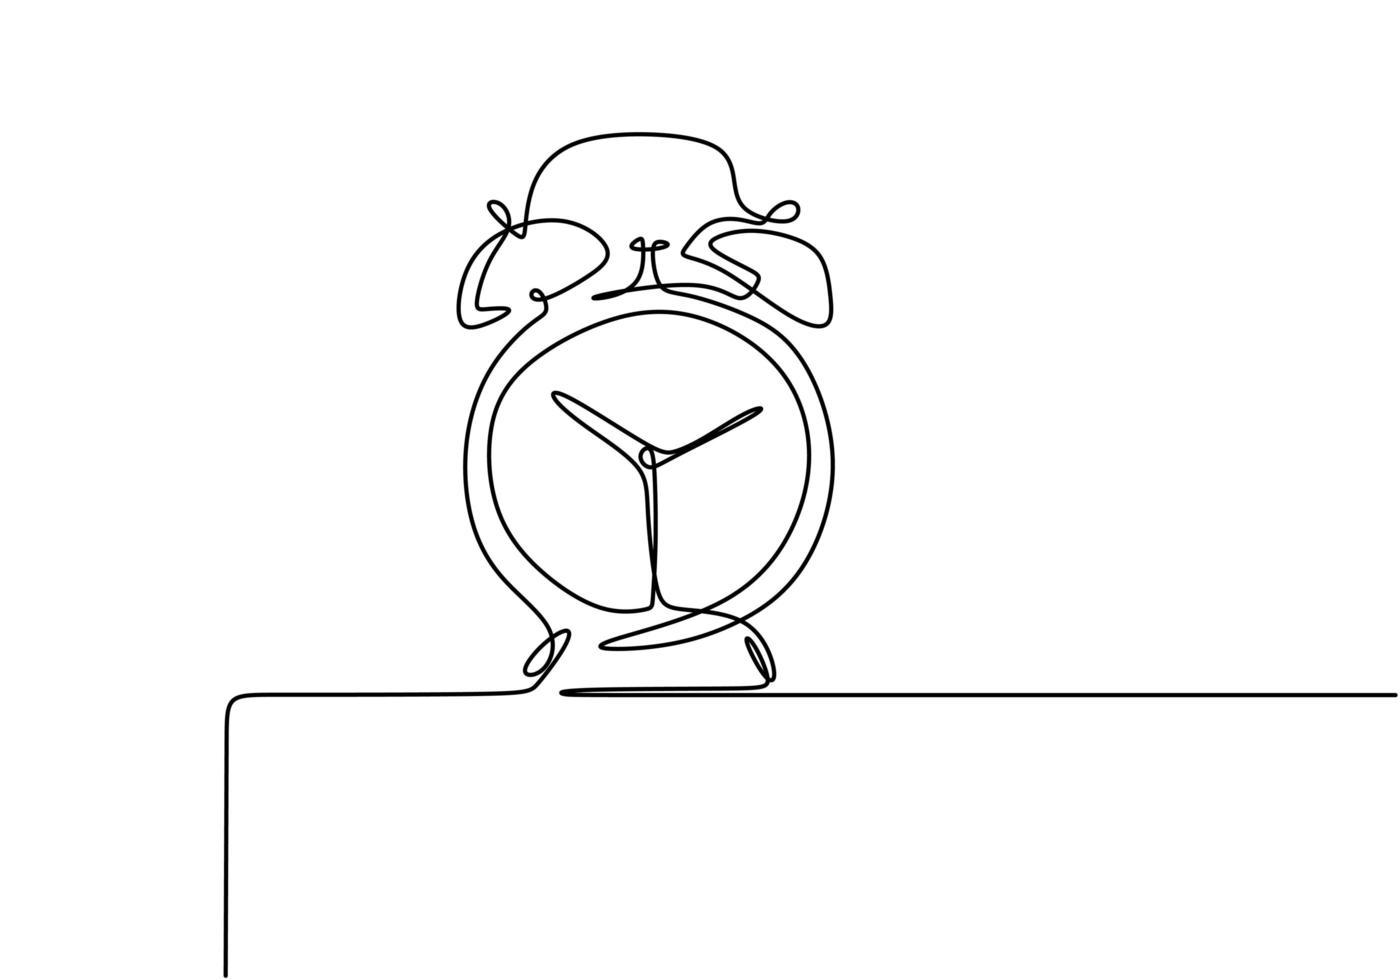 boceto del despertador dibujo continuo de una línea. reloj con icono de flechas sobre fondo blanco. vector